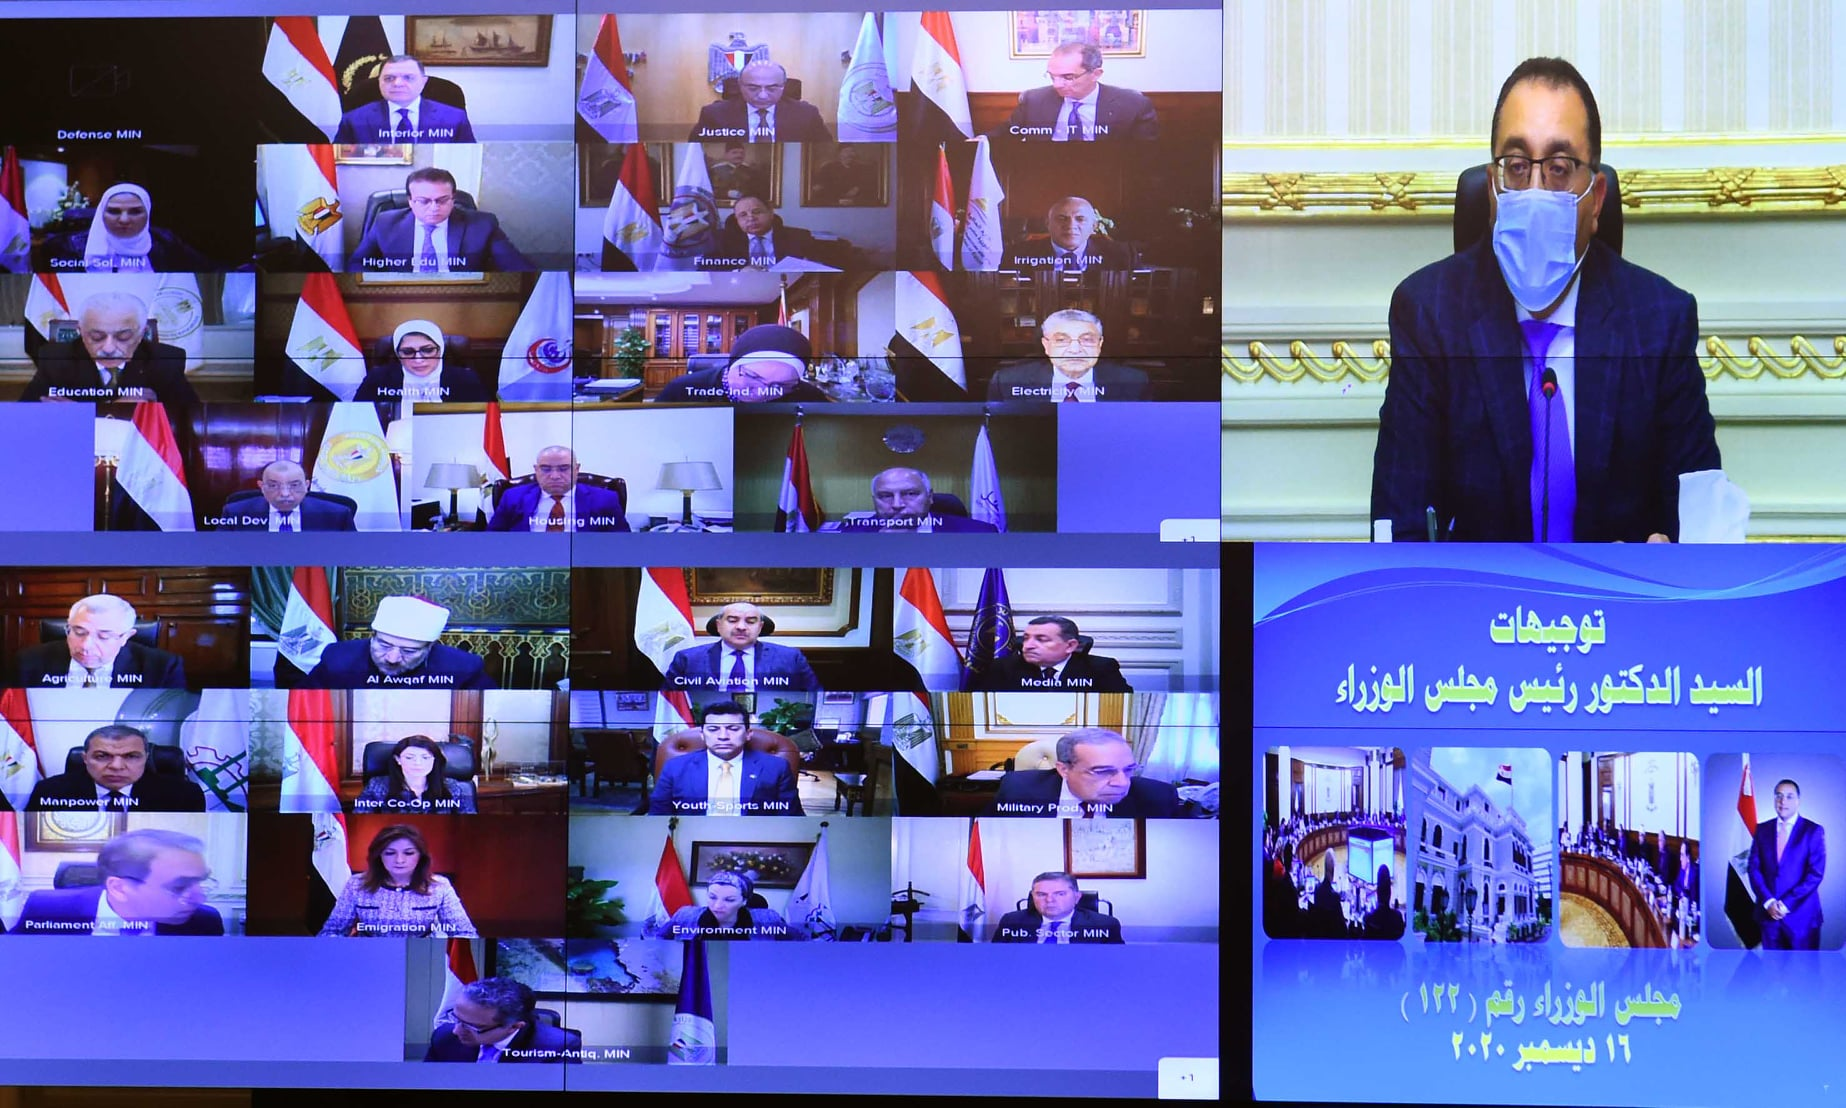 """مدبولي: توجيهات من الرئيس بالتحرك الفوري لتفعيل التعاون الثلاثي """"المصري - الأردني - العراقي"""""""